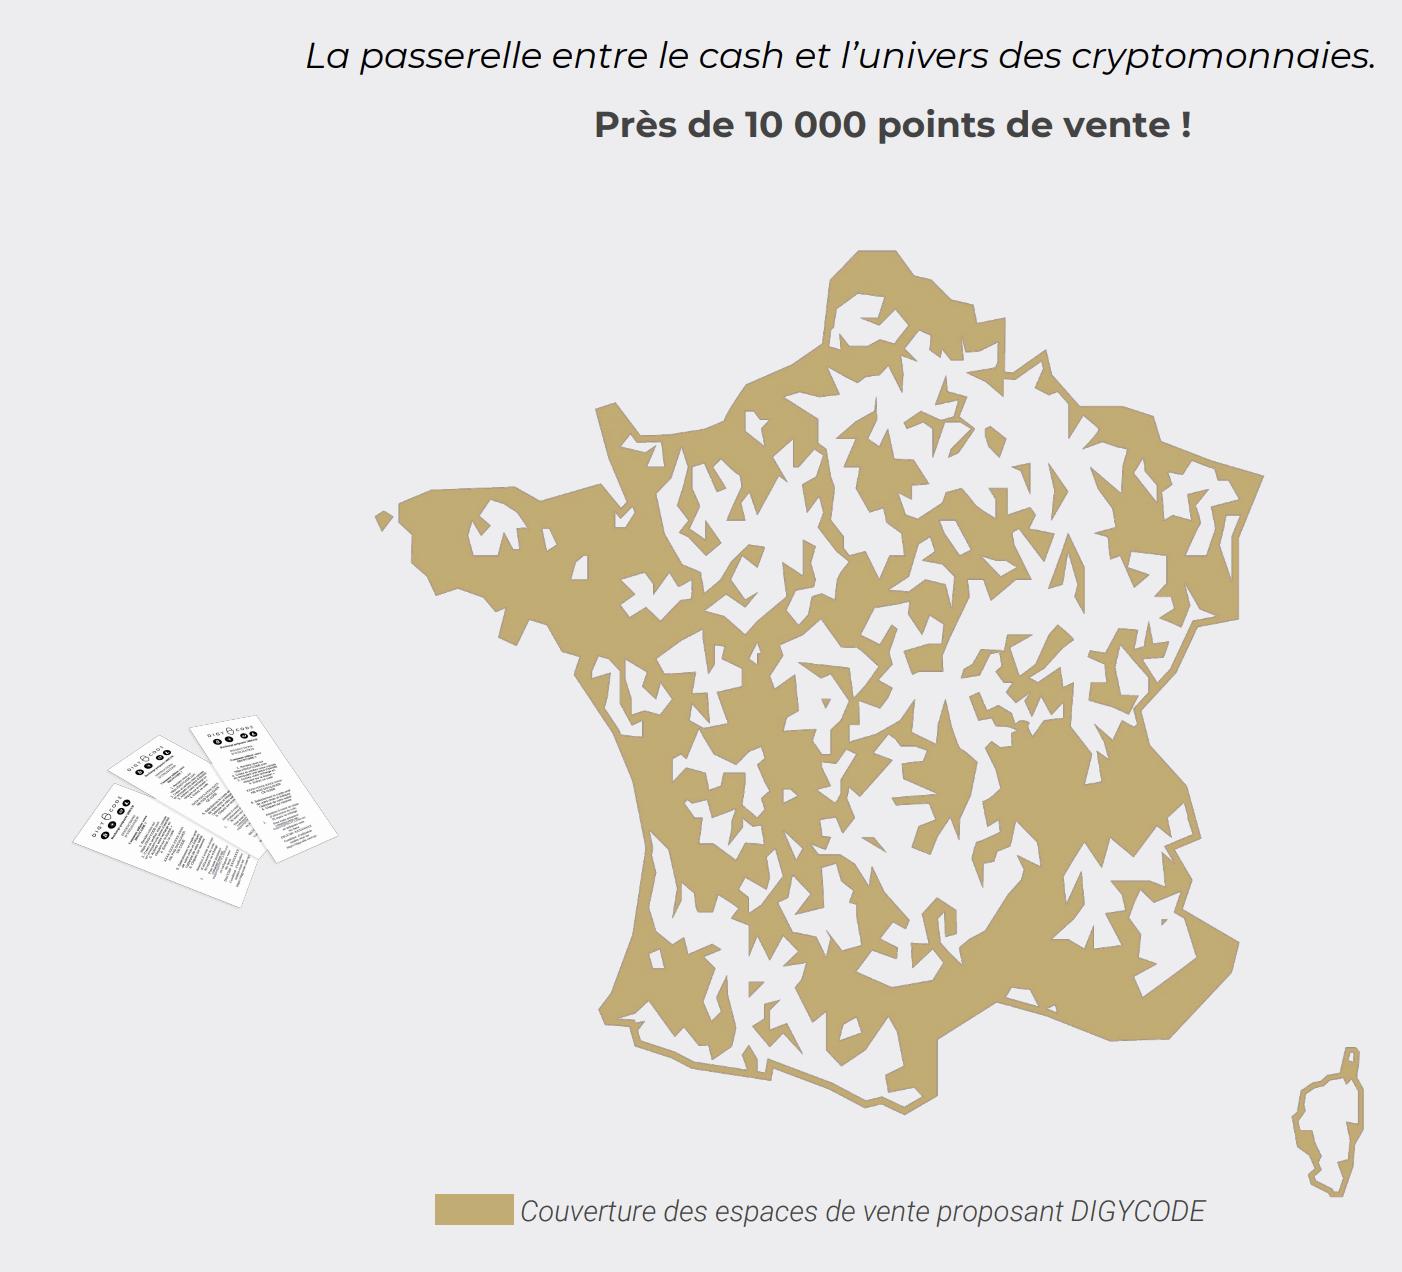 Voici la carte de la couverture du service DIGYCODE en France.